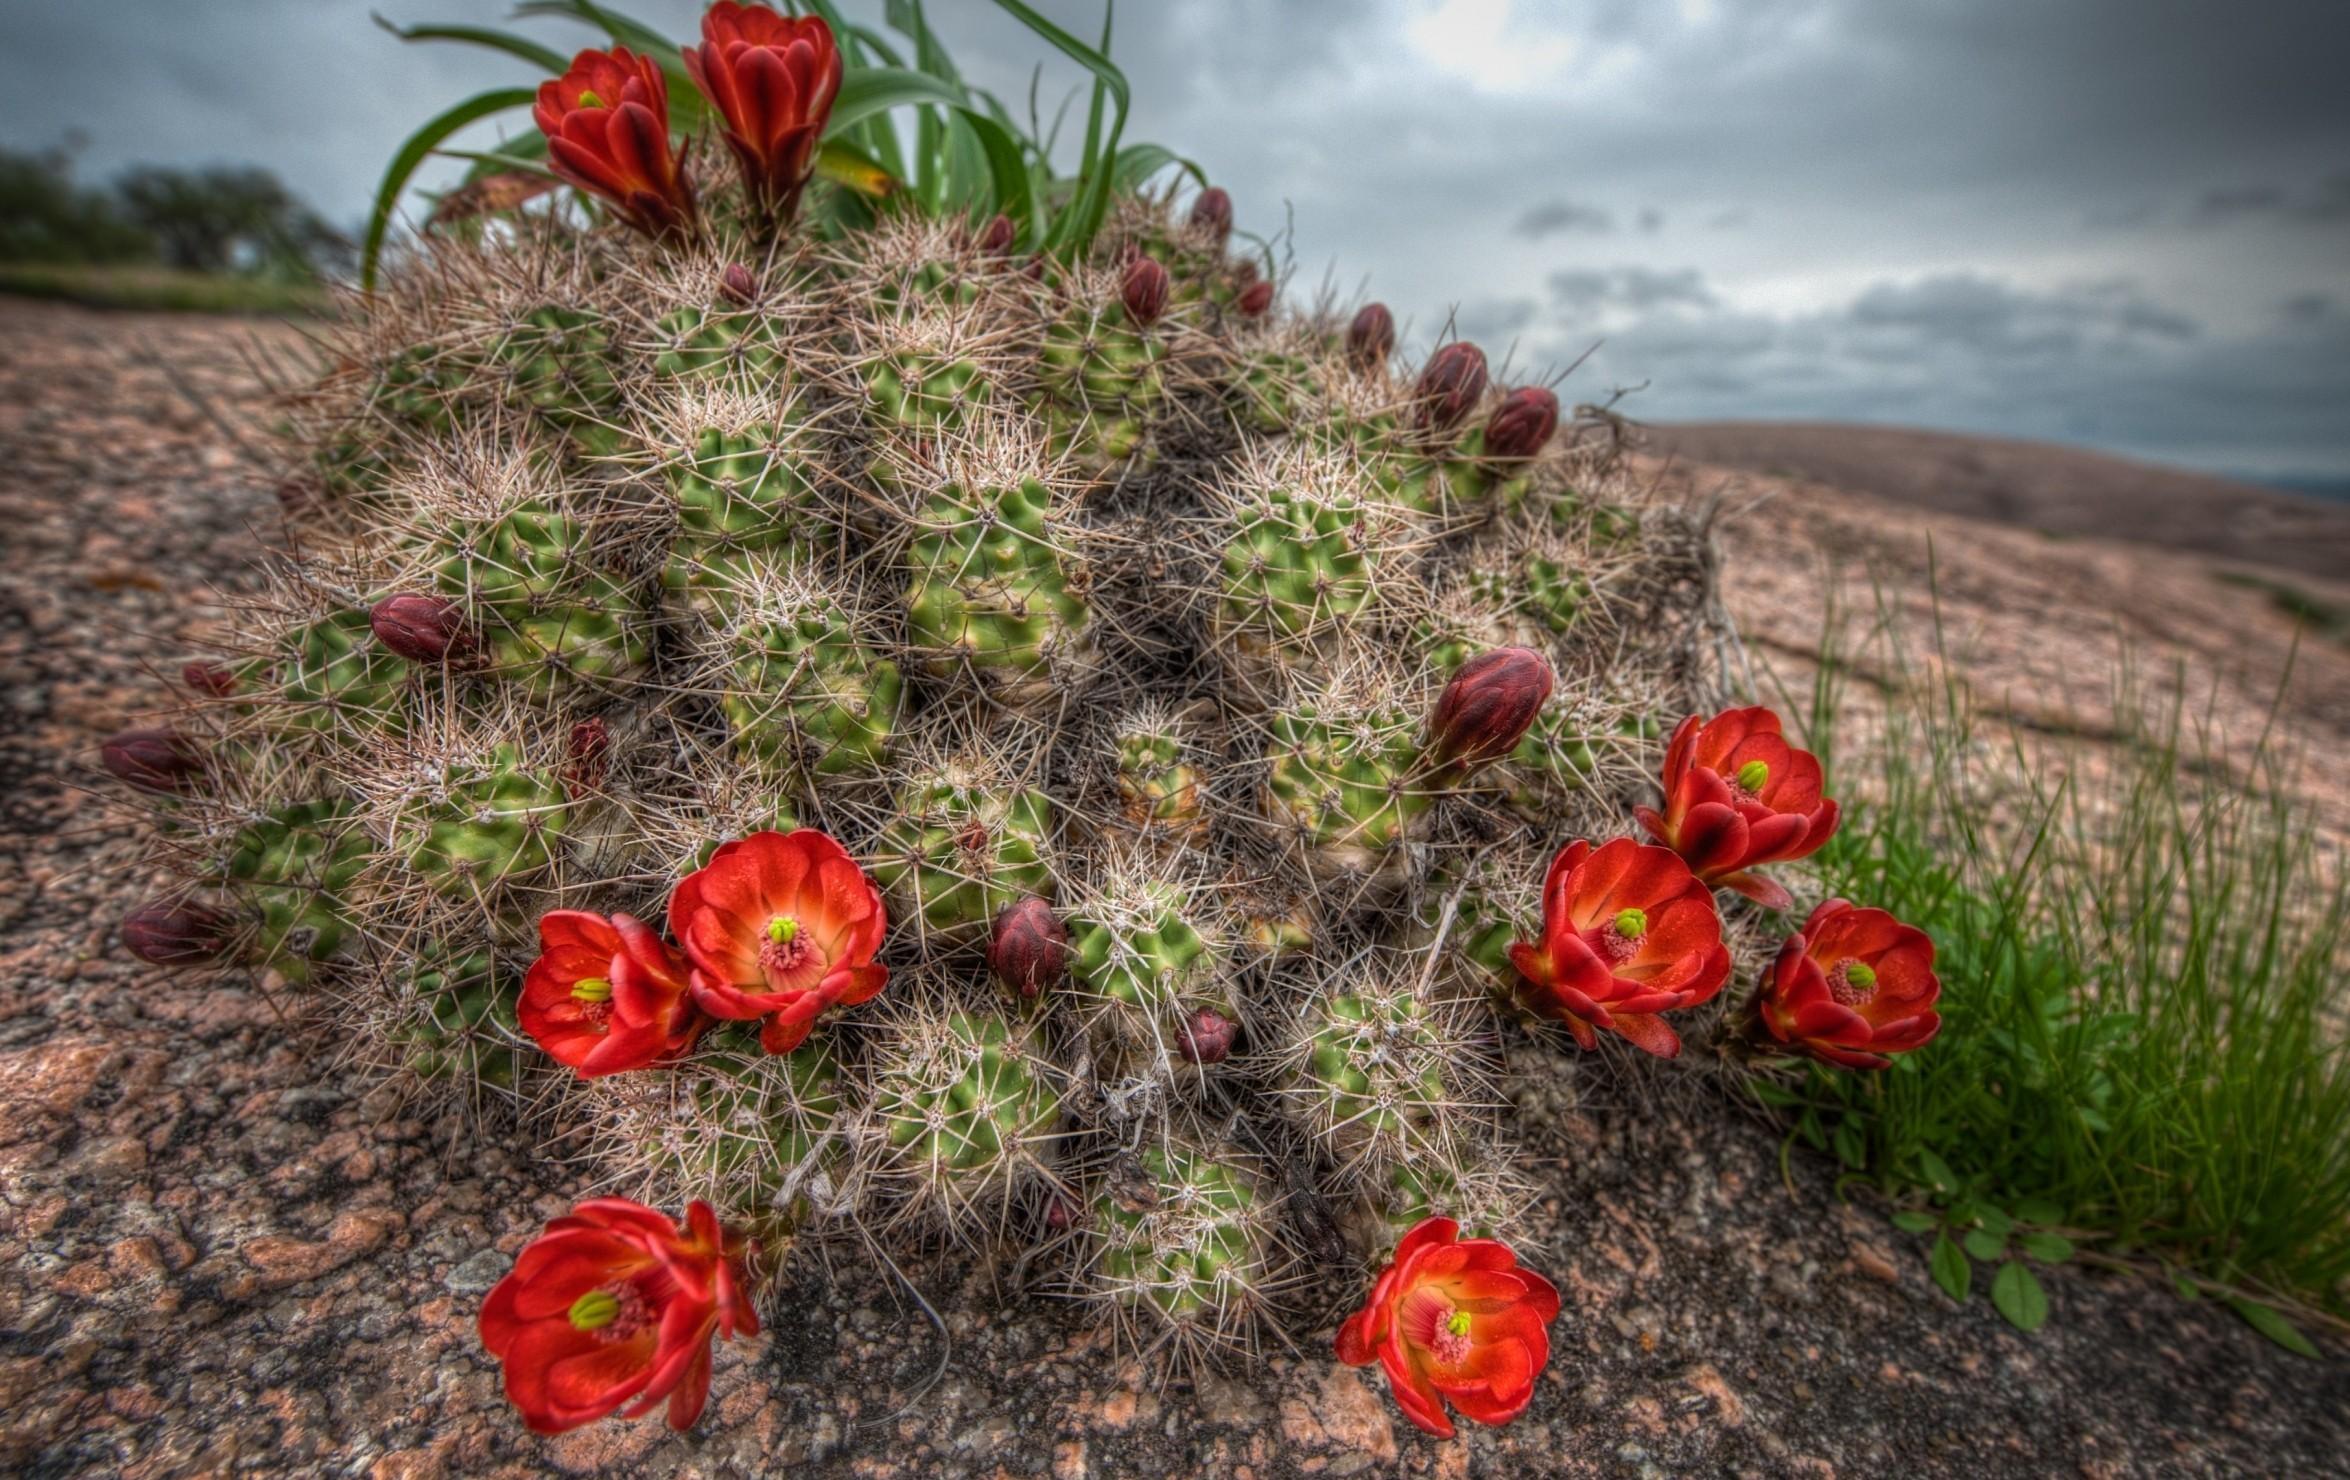 146084 descargar fondo de pantalla Flores, Cactus, Cacto, Florecer, Floración, Aguja, Cielo, Hierba: protectores de pantalla e imágenes gratis